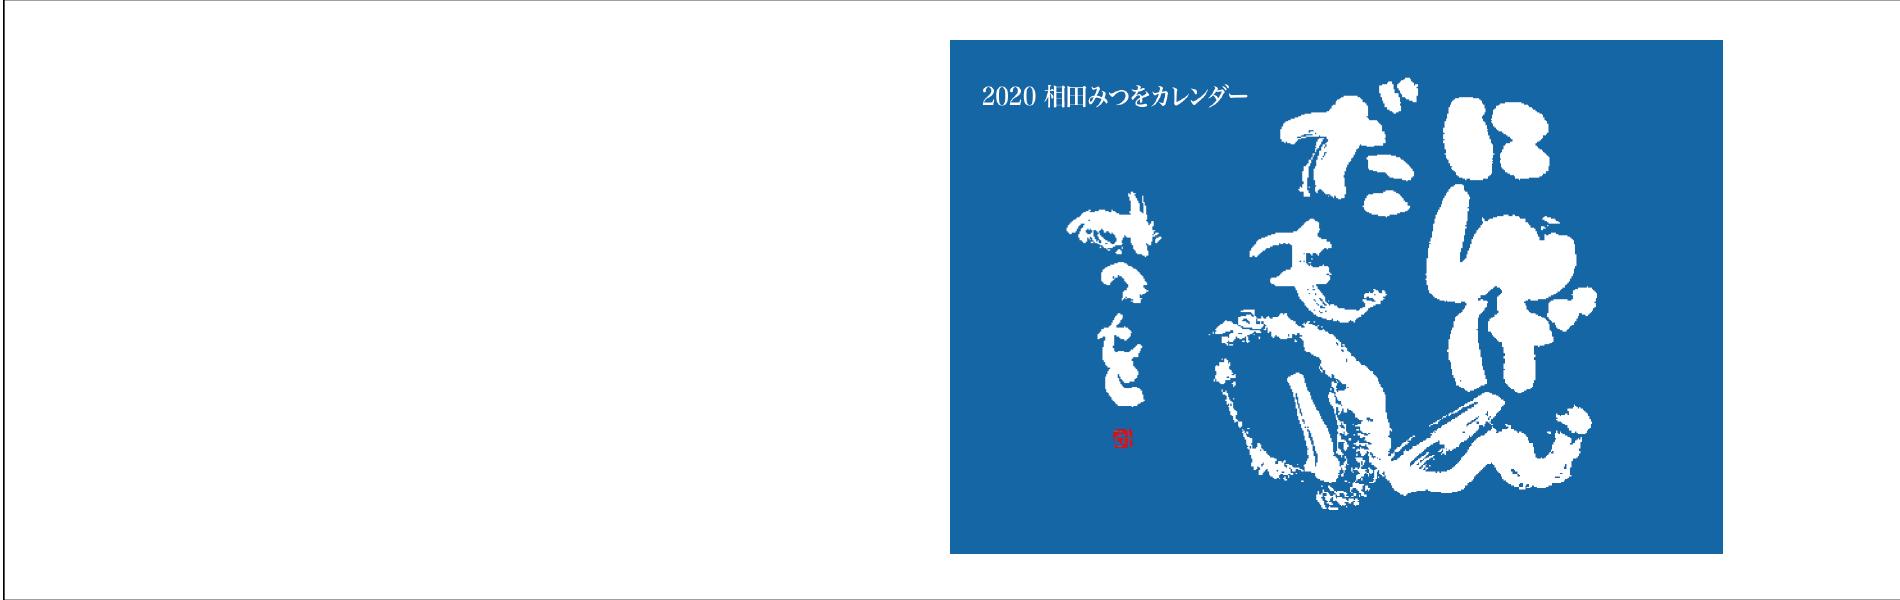 相田みつを2020年版ミニカレンダー表紙画像